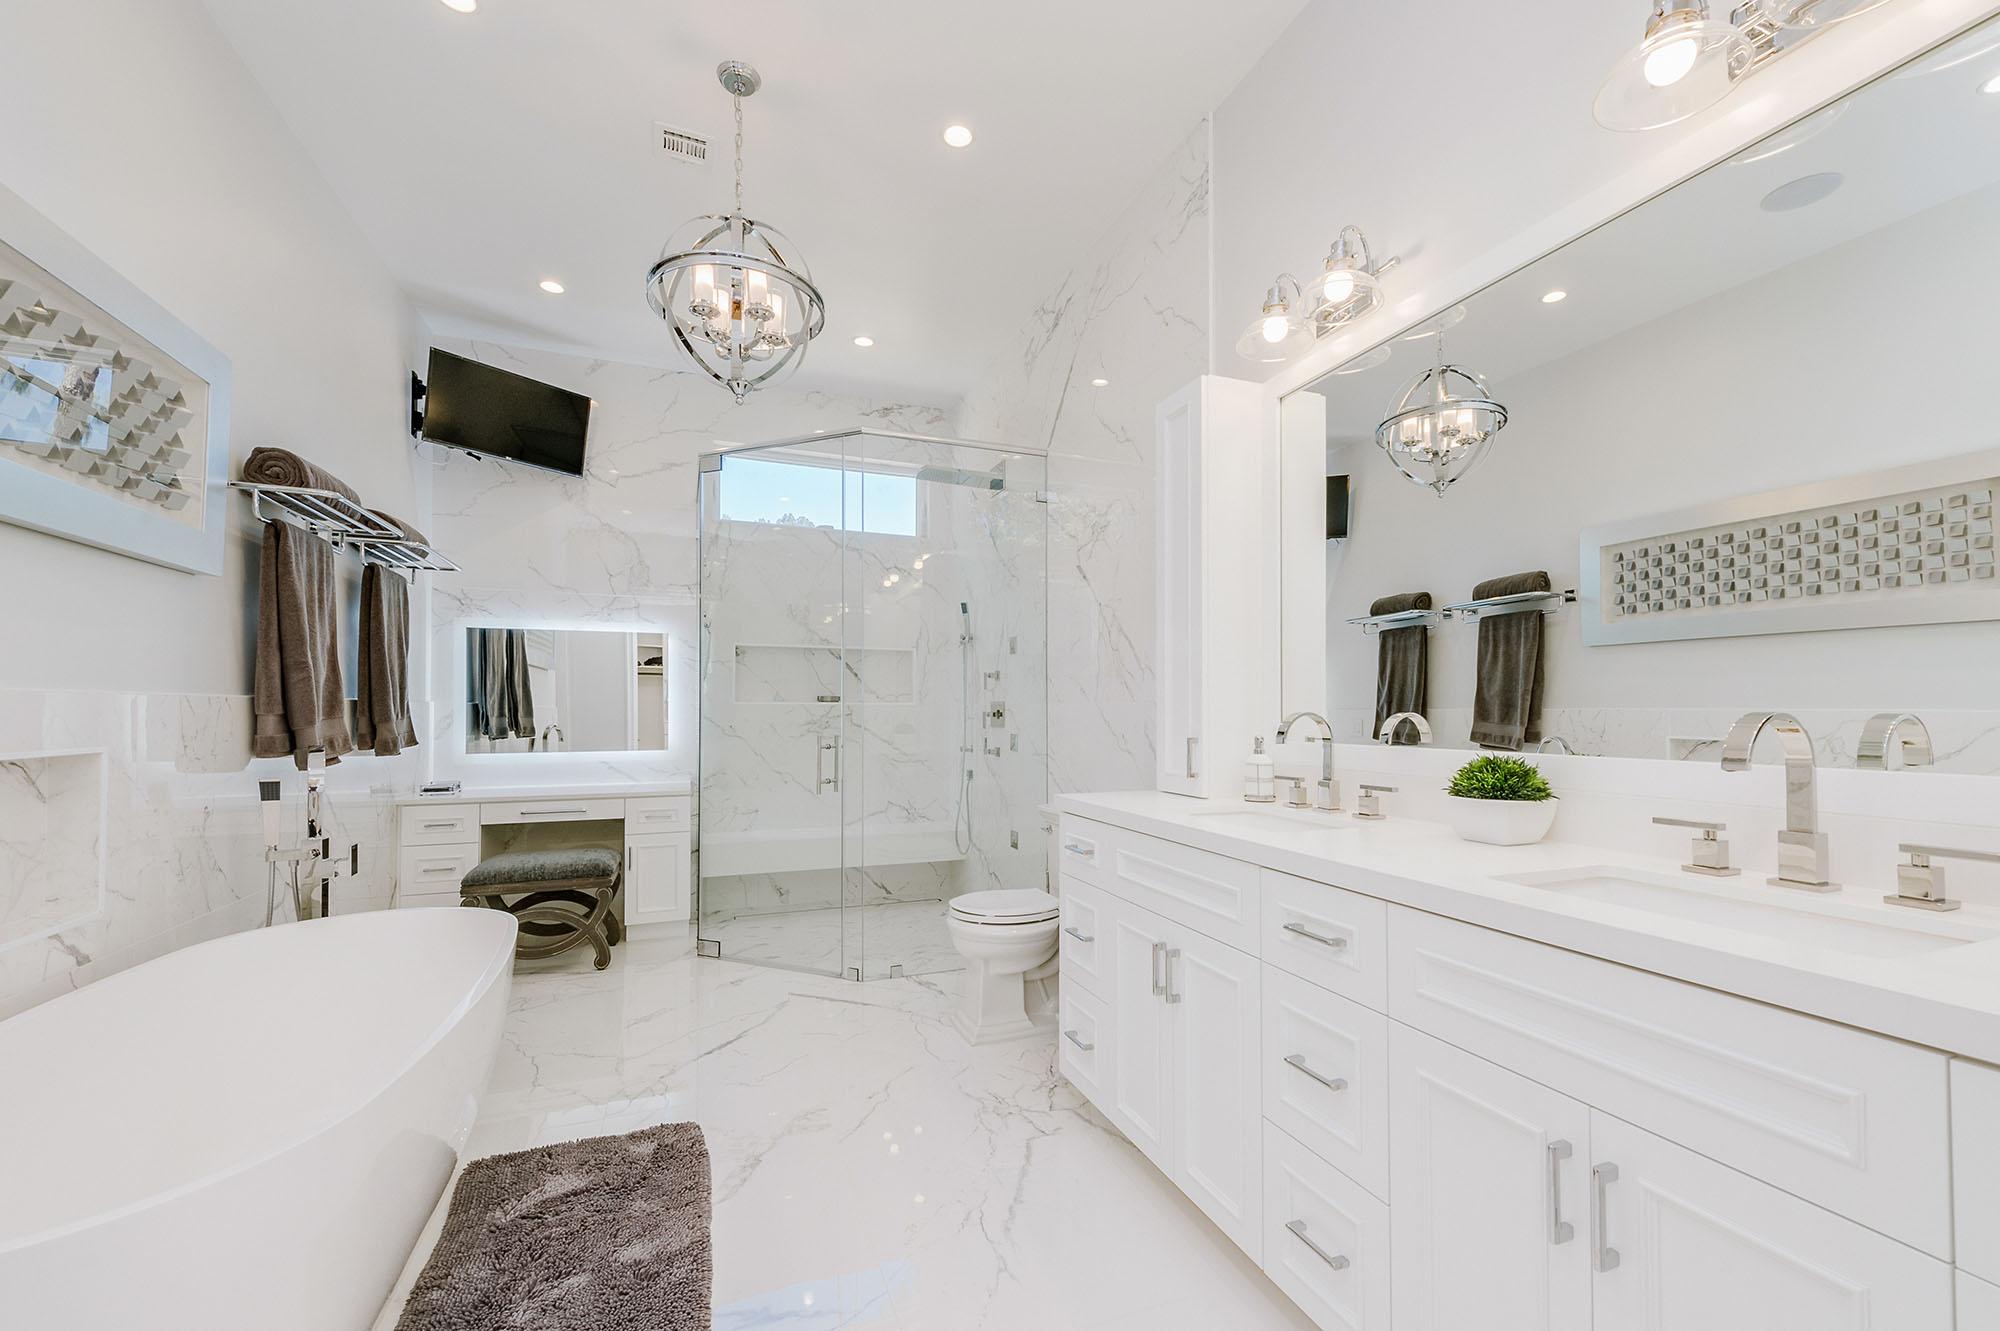 los angeles bathroom tiles spazio la